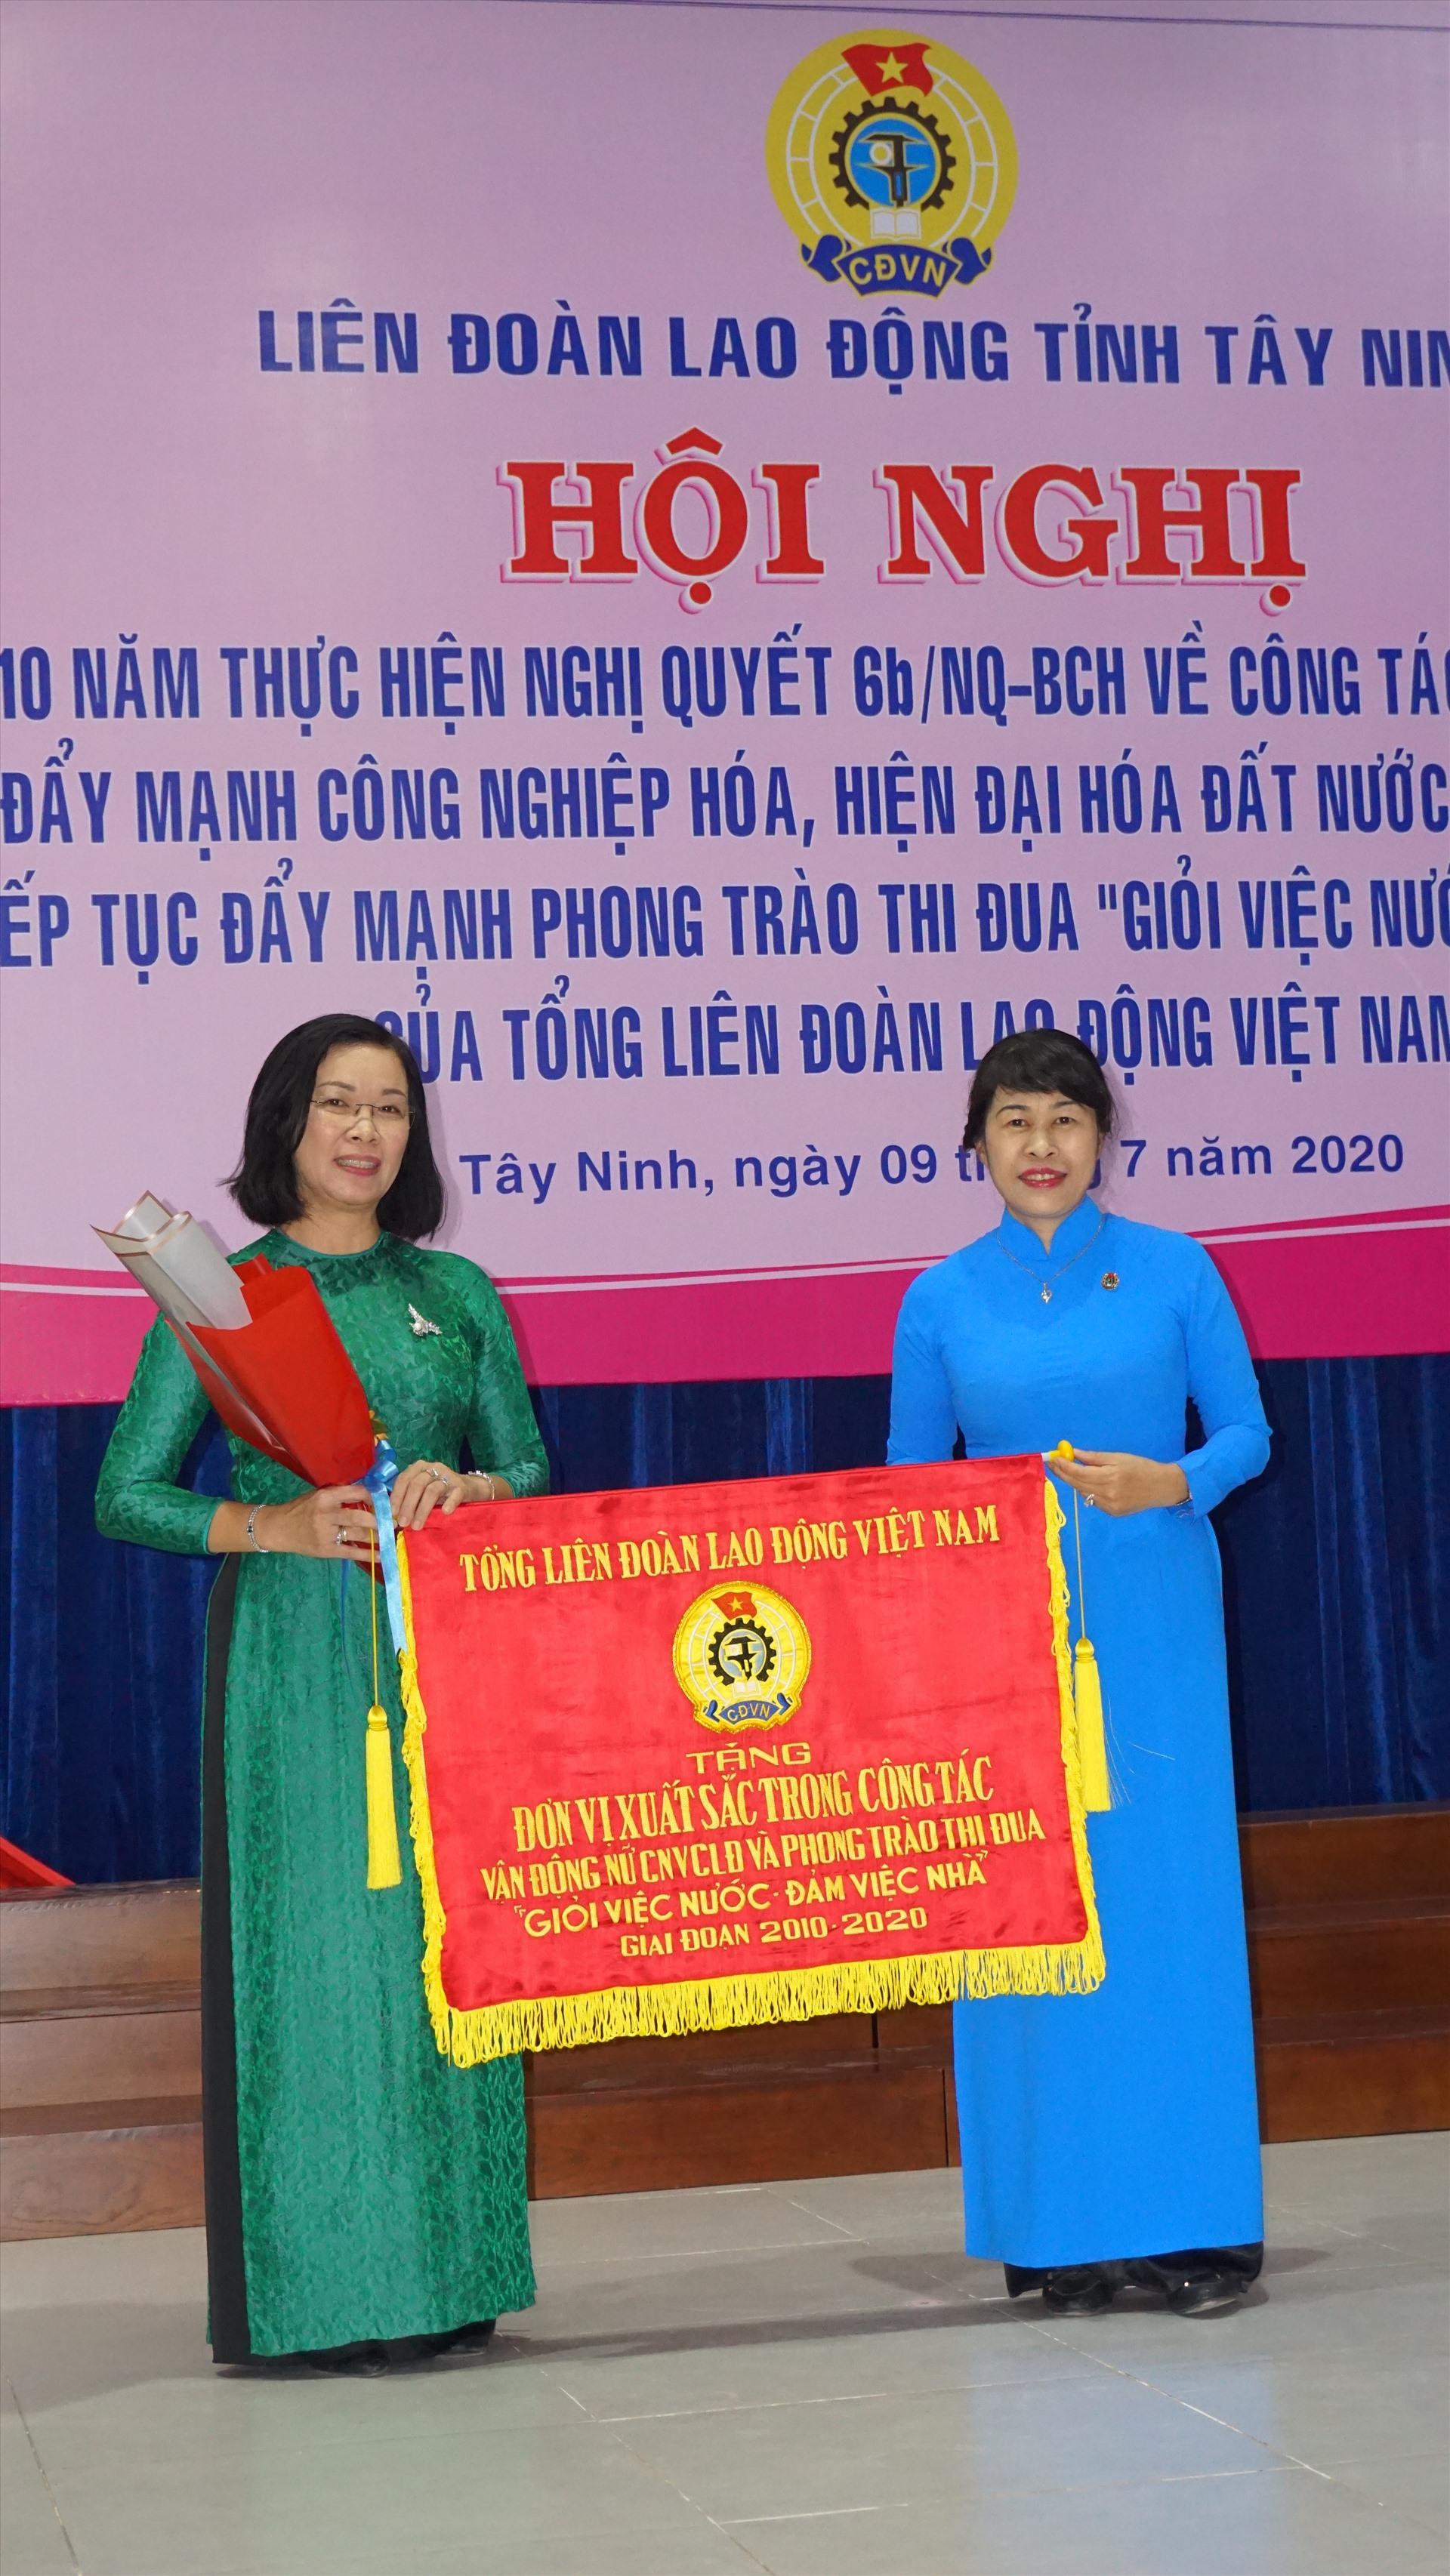 Bà Trịnh Thanh Hằng - Ủy viên Đoàn Chủ tịch, Trưởng Ban Nữ công Tổng LĐLĐ VN trao tặng Cờ thi đua của Tổng Liên đoàn cho tập thể xuất sắc.